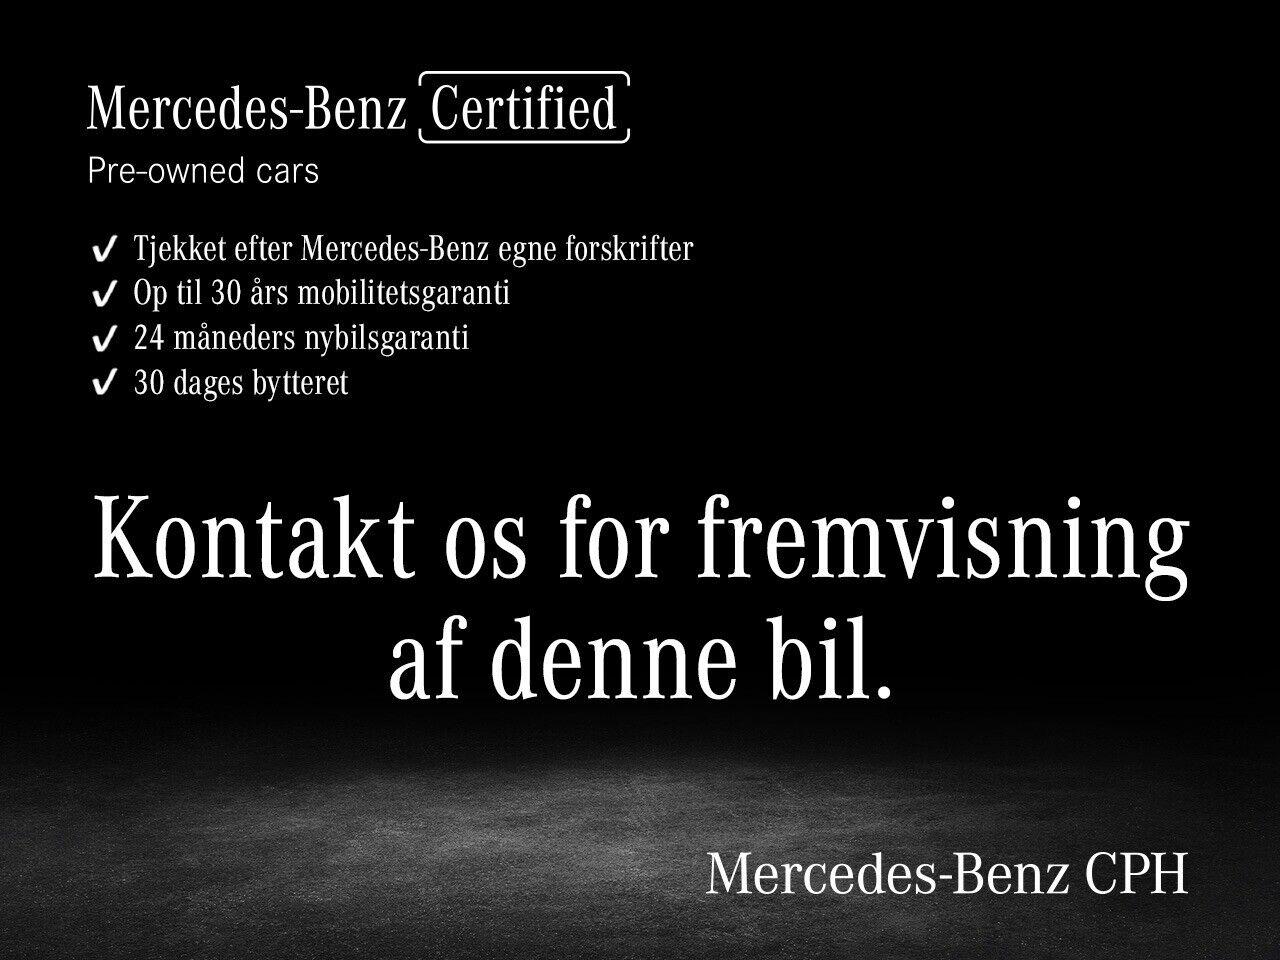 Mercedes A220 2,0 Advantage AMG aut. 4-M 5d - 6.595 kr.